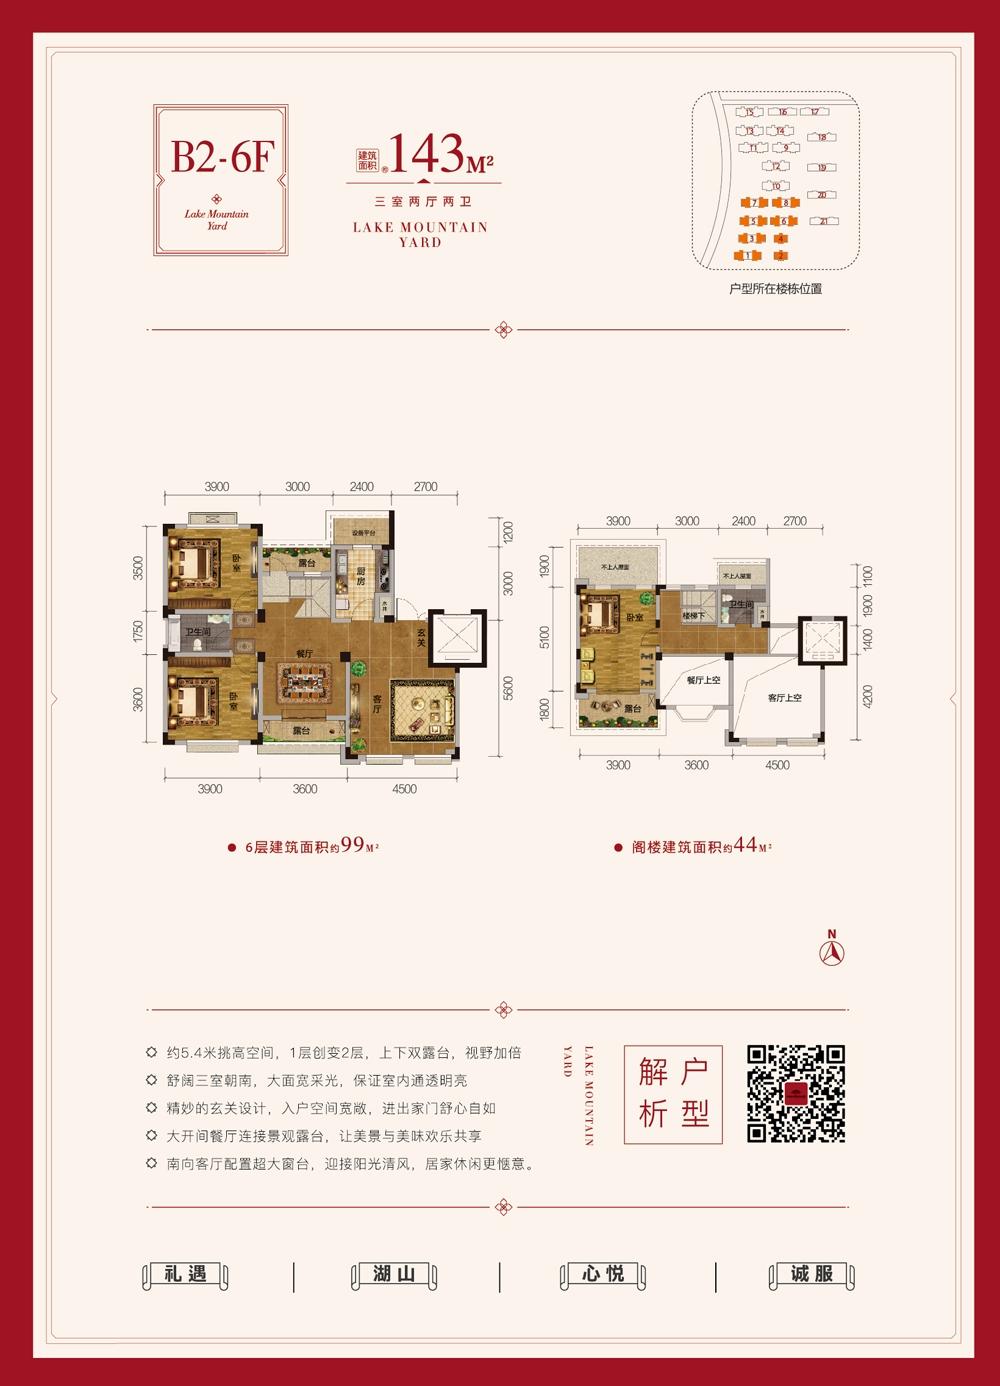 悦湖山院B2-6F户型 143㎡